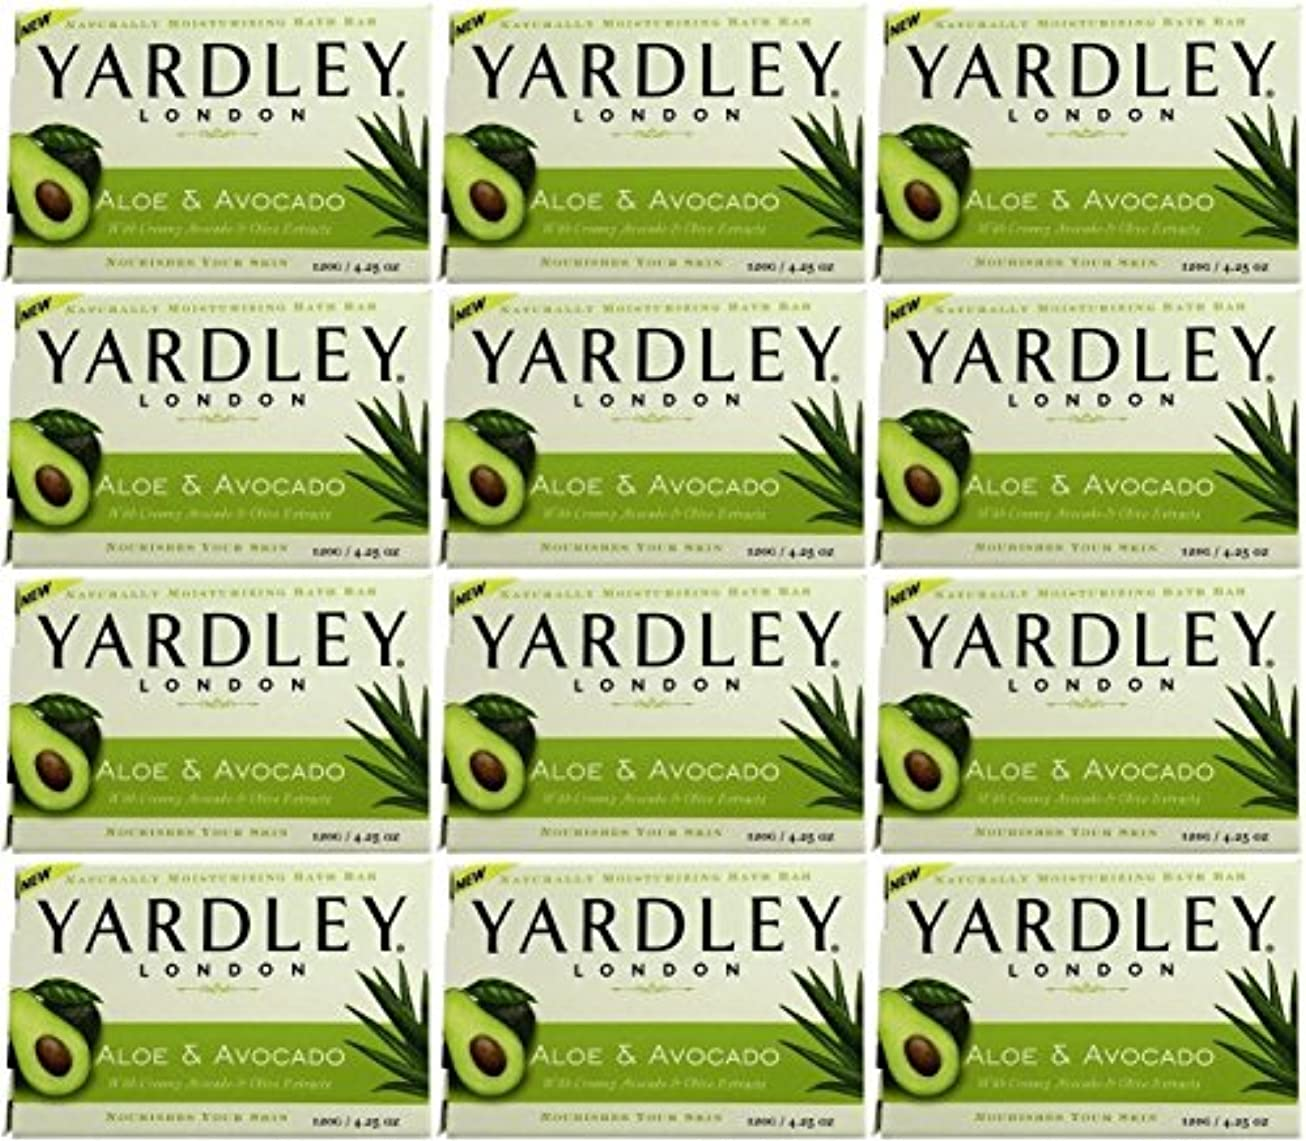 クリープモディッシュ六分儀Yardley ロンドンアロエアボカド当然のことながら保湿入浴バー4.25オズ(12パック) 12のパック ヌル